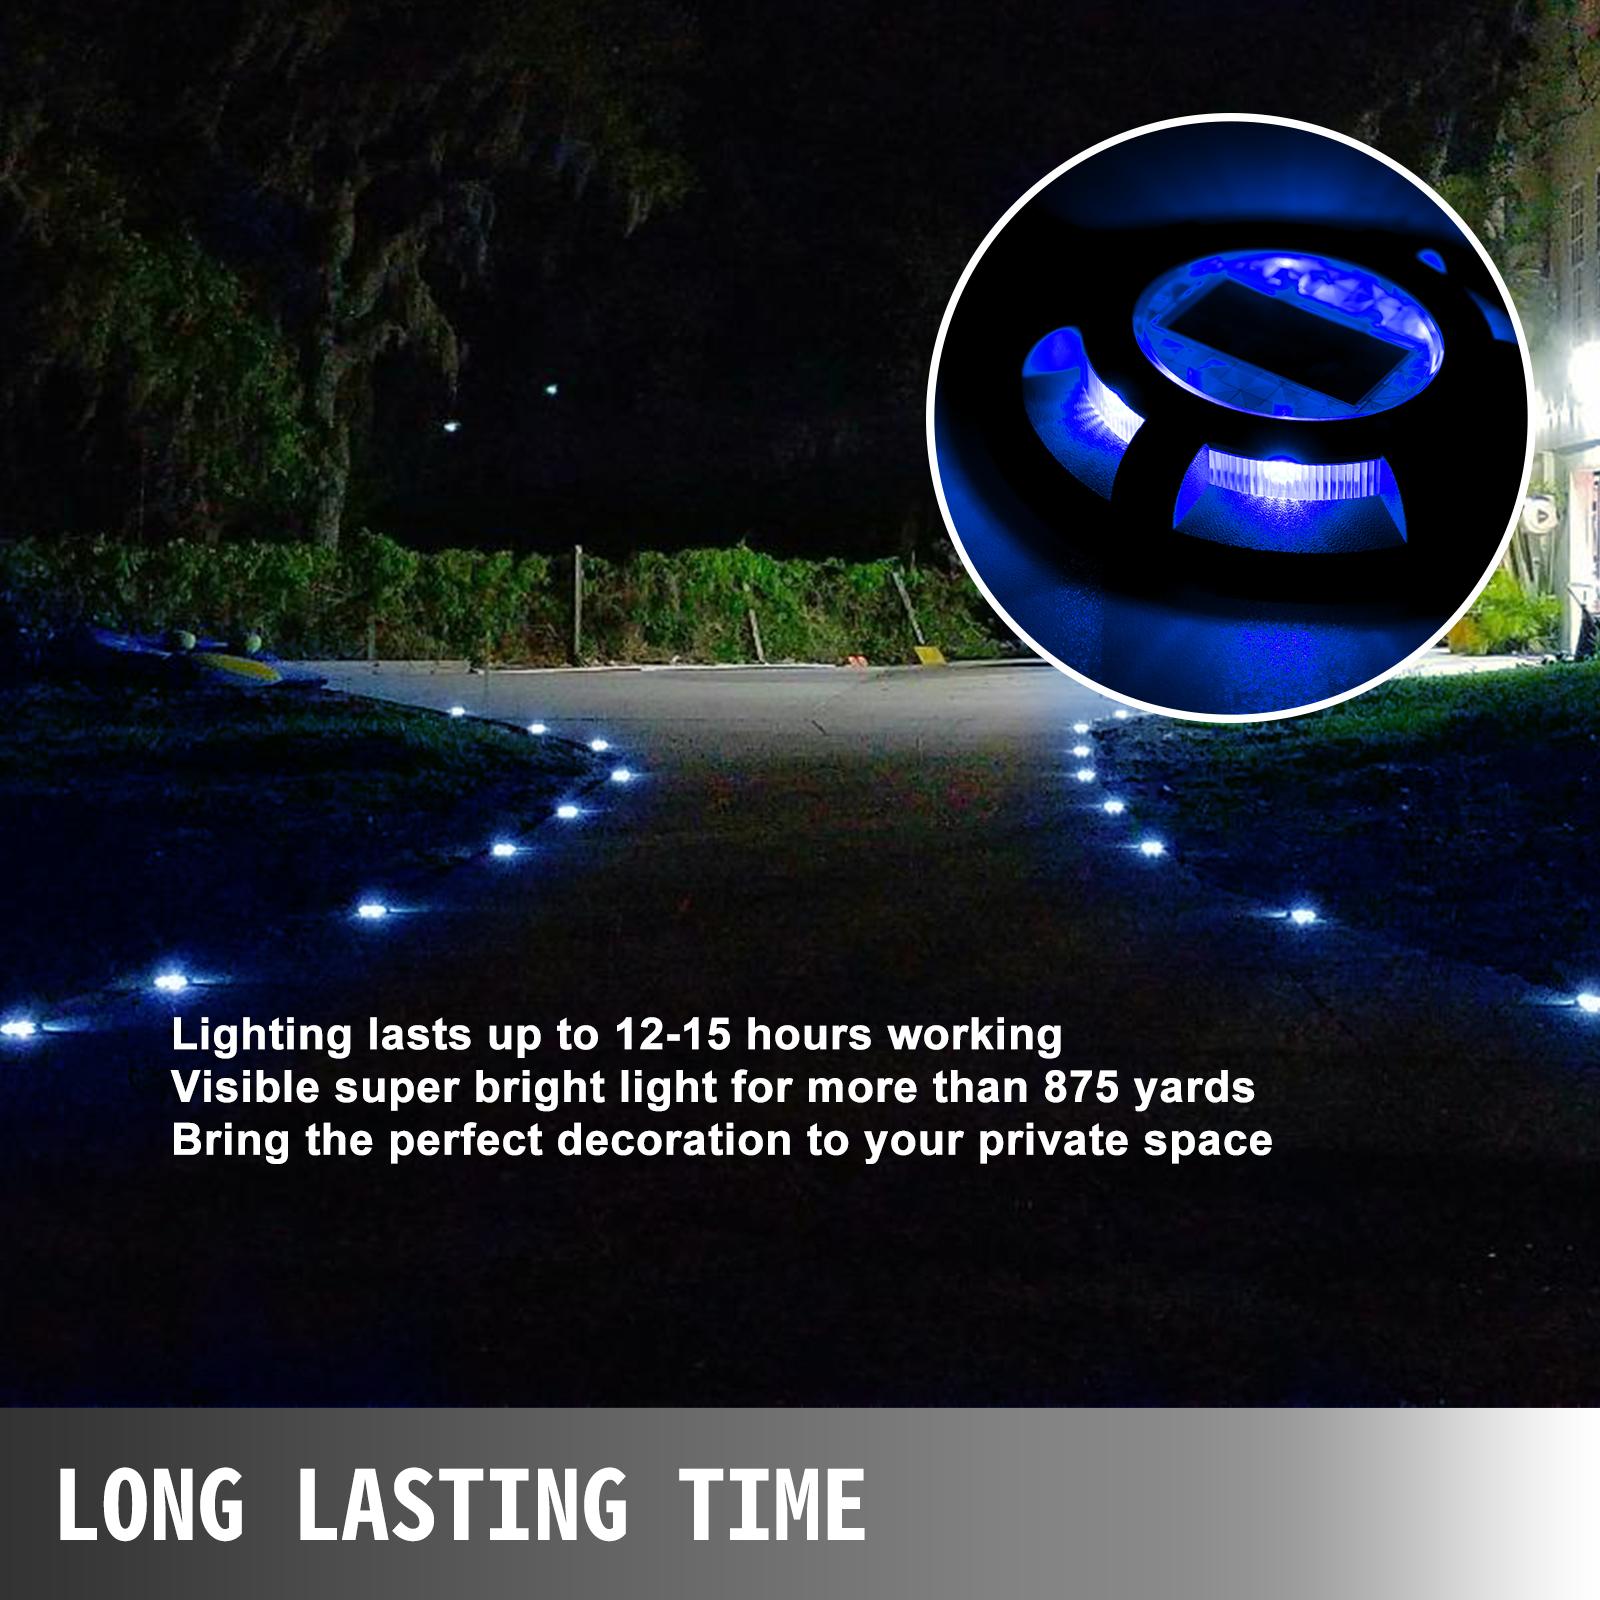 Solar Deck Lights Driveway Lights Solar Deck Light Led 16 Pack for Sidewalk Blue